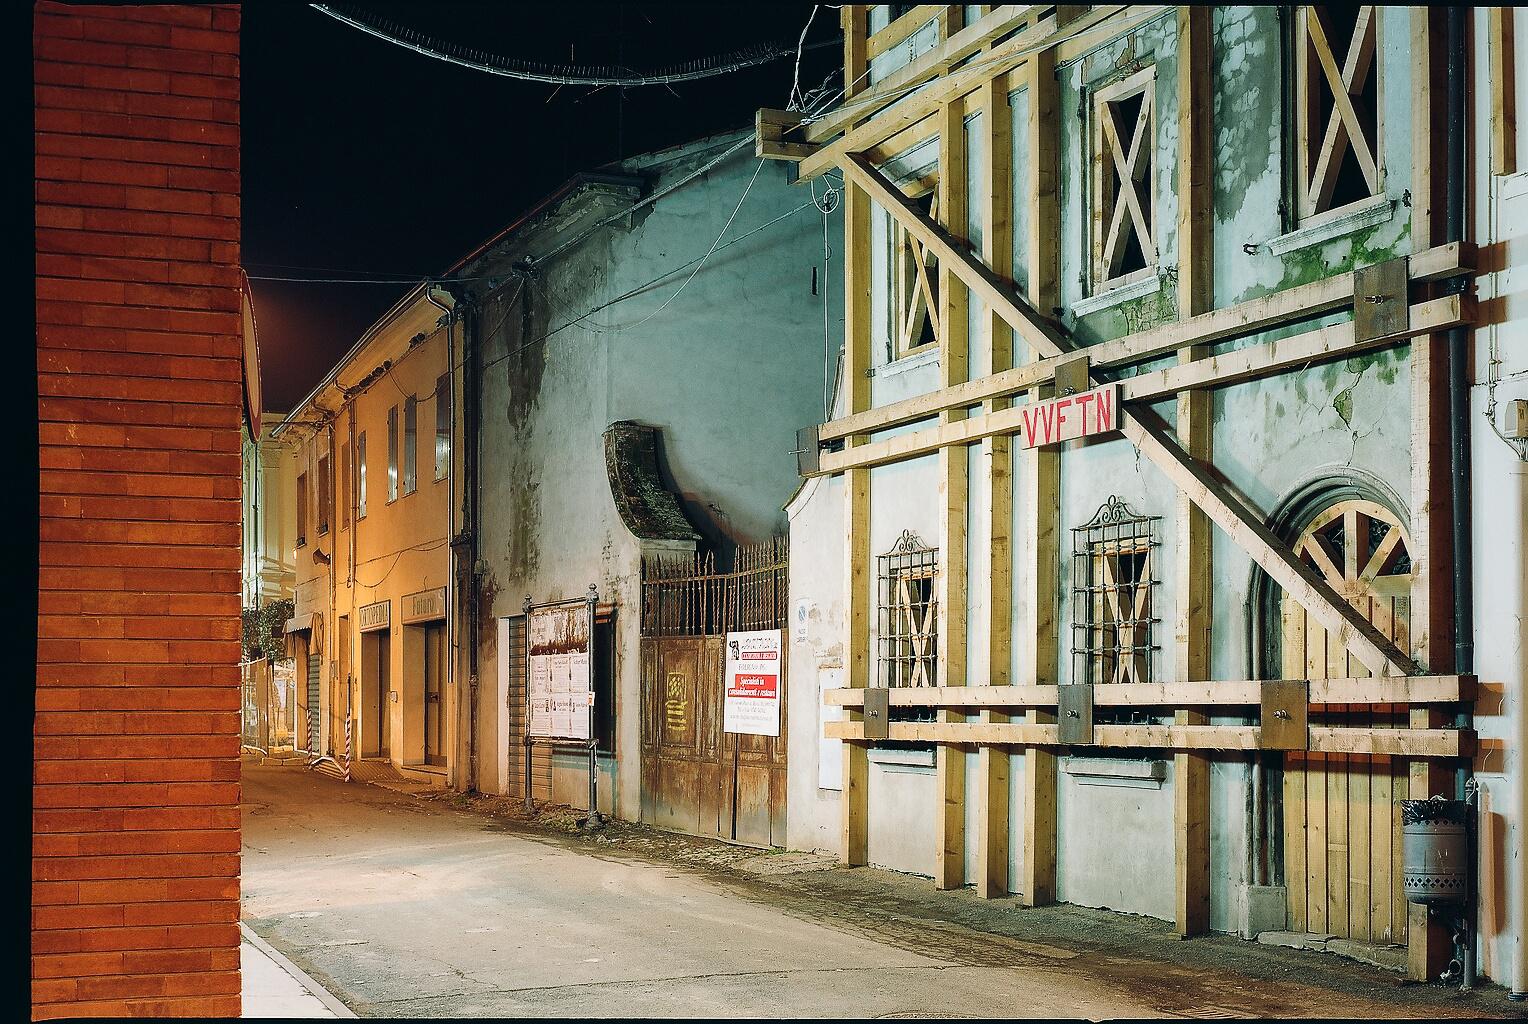 La ricostruzione dopo la catastrofe: da spazio in attesa a spazio pubblico @ Biennale Spazio Pubblico